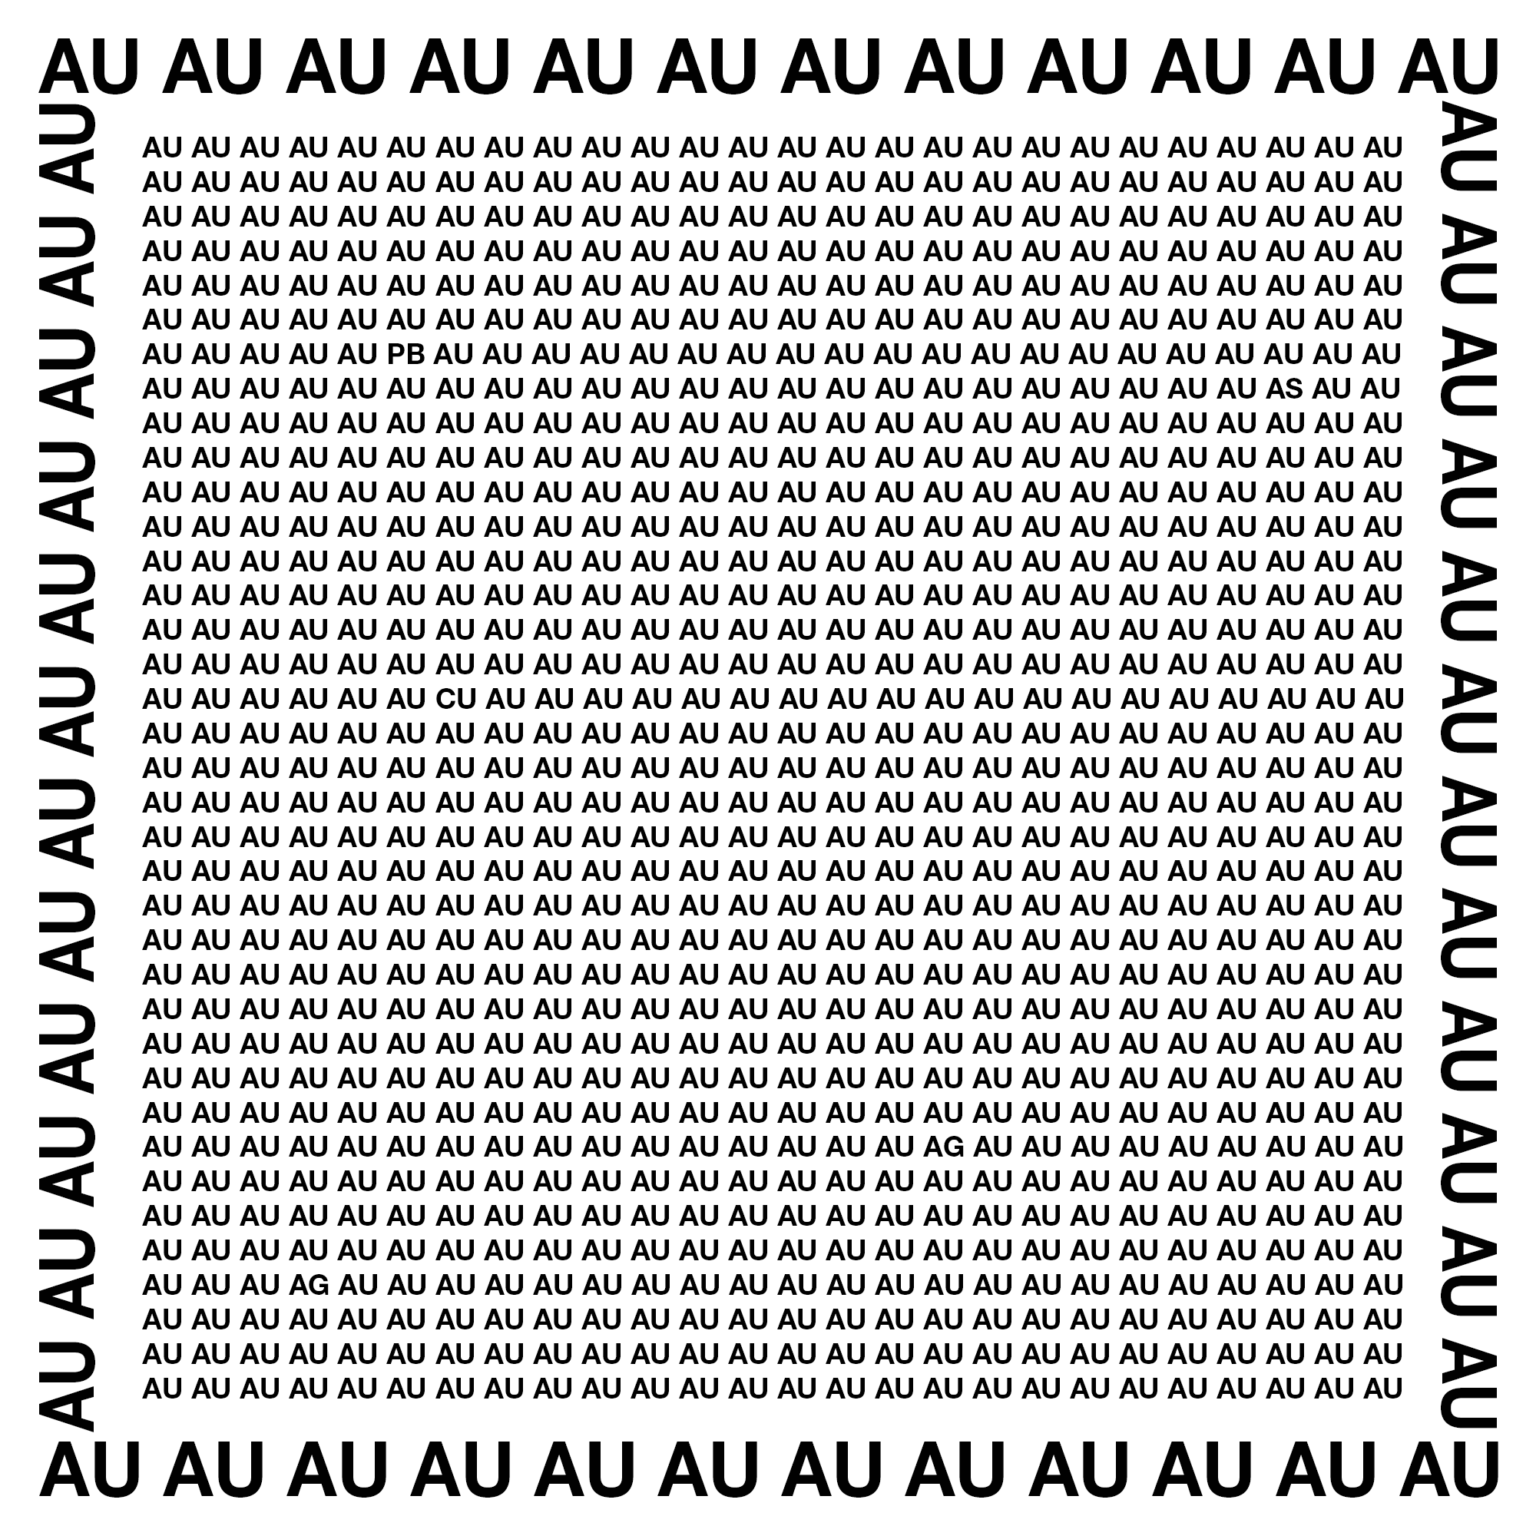 David le Viseur, AUAUAU (Golden Image in Golden Frame), 2019